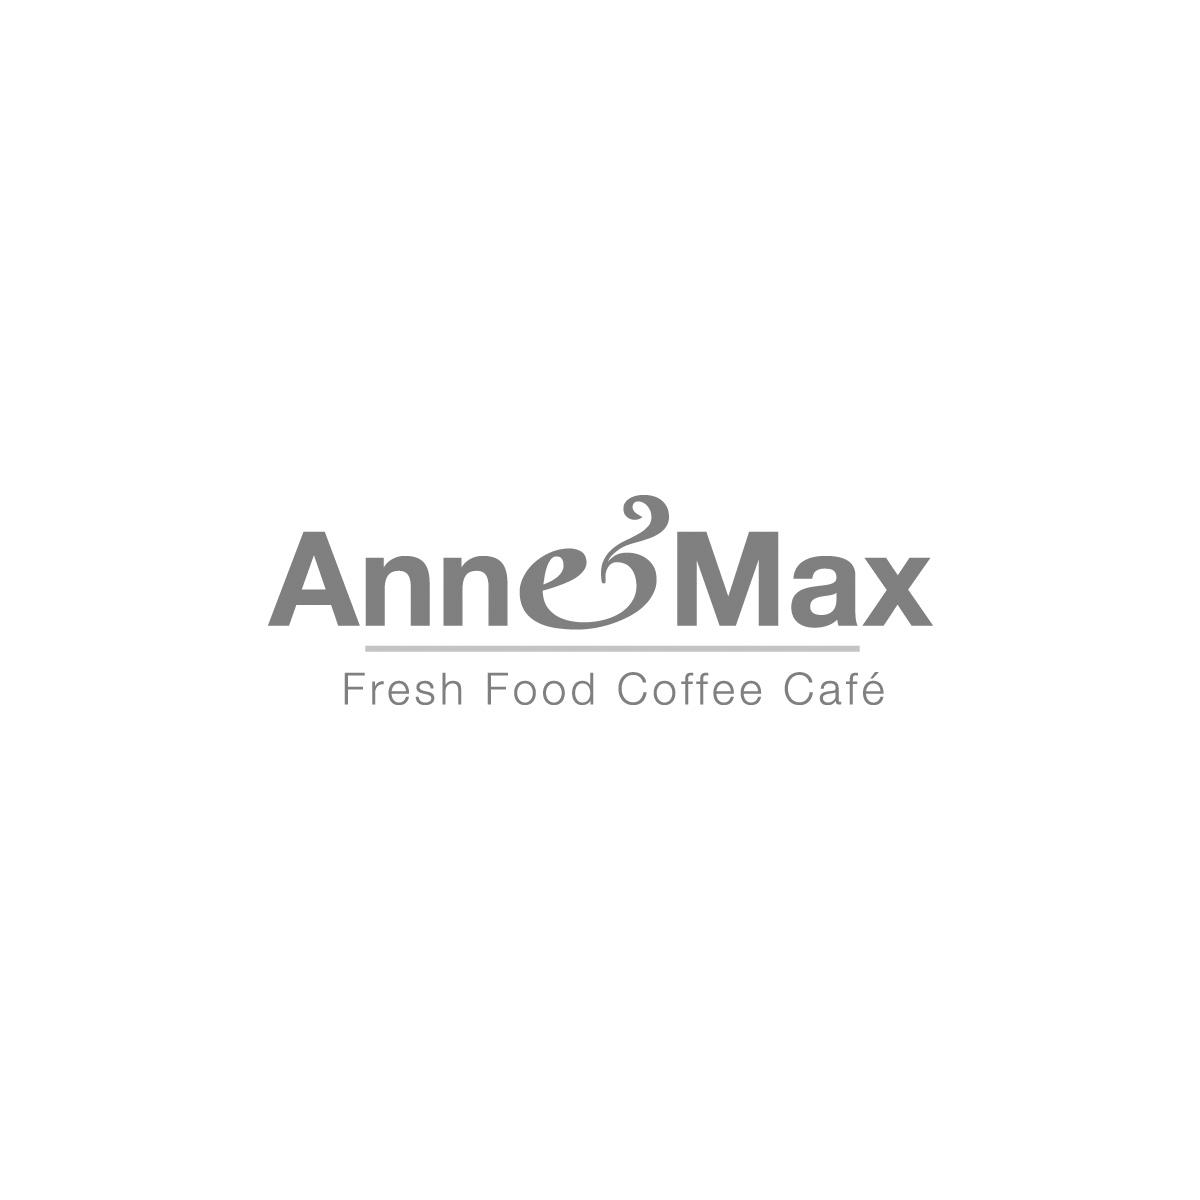 Anne&Max logo